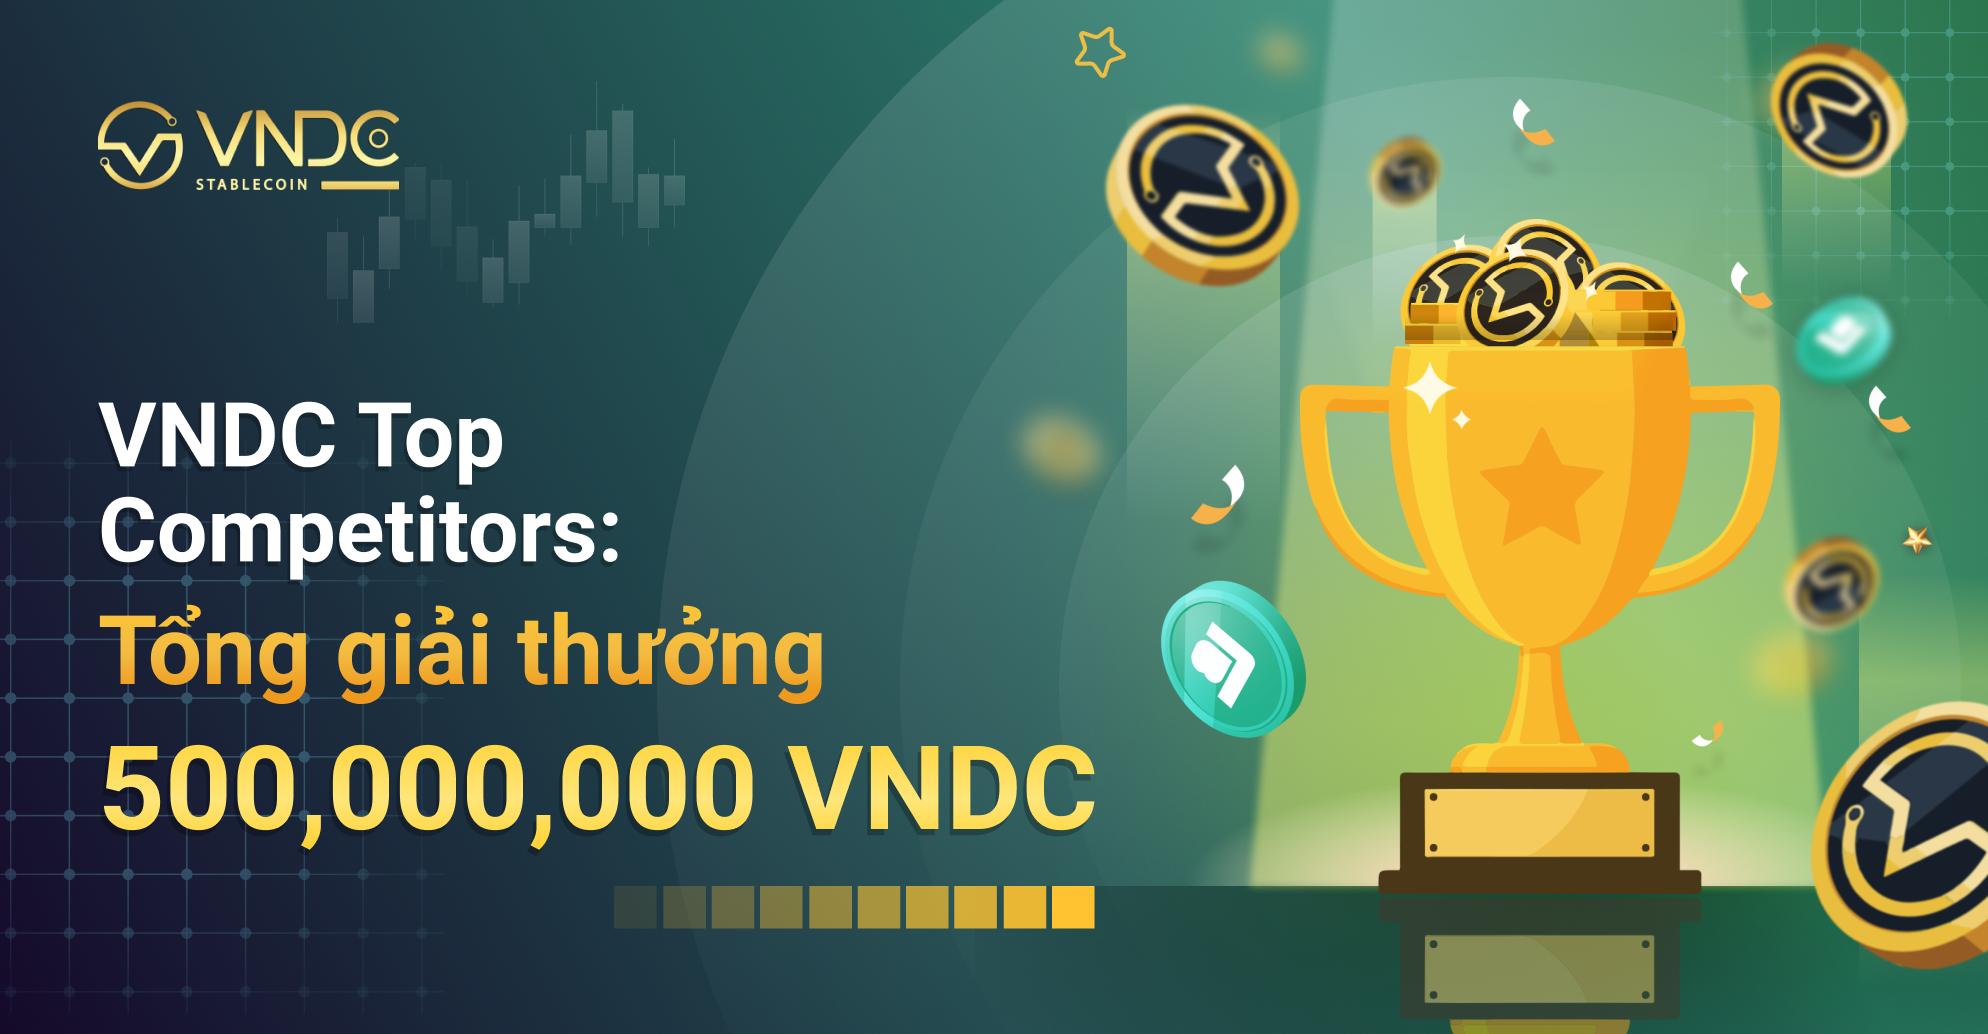 VNDC Top Competitors: Khởi động chuỗi chương trình đua top cùng VNDC